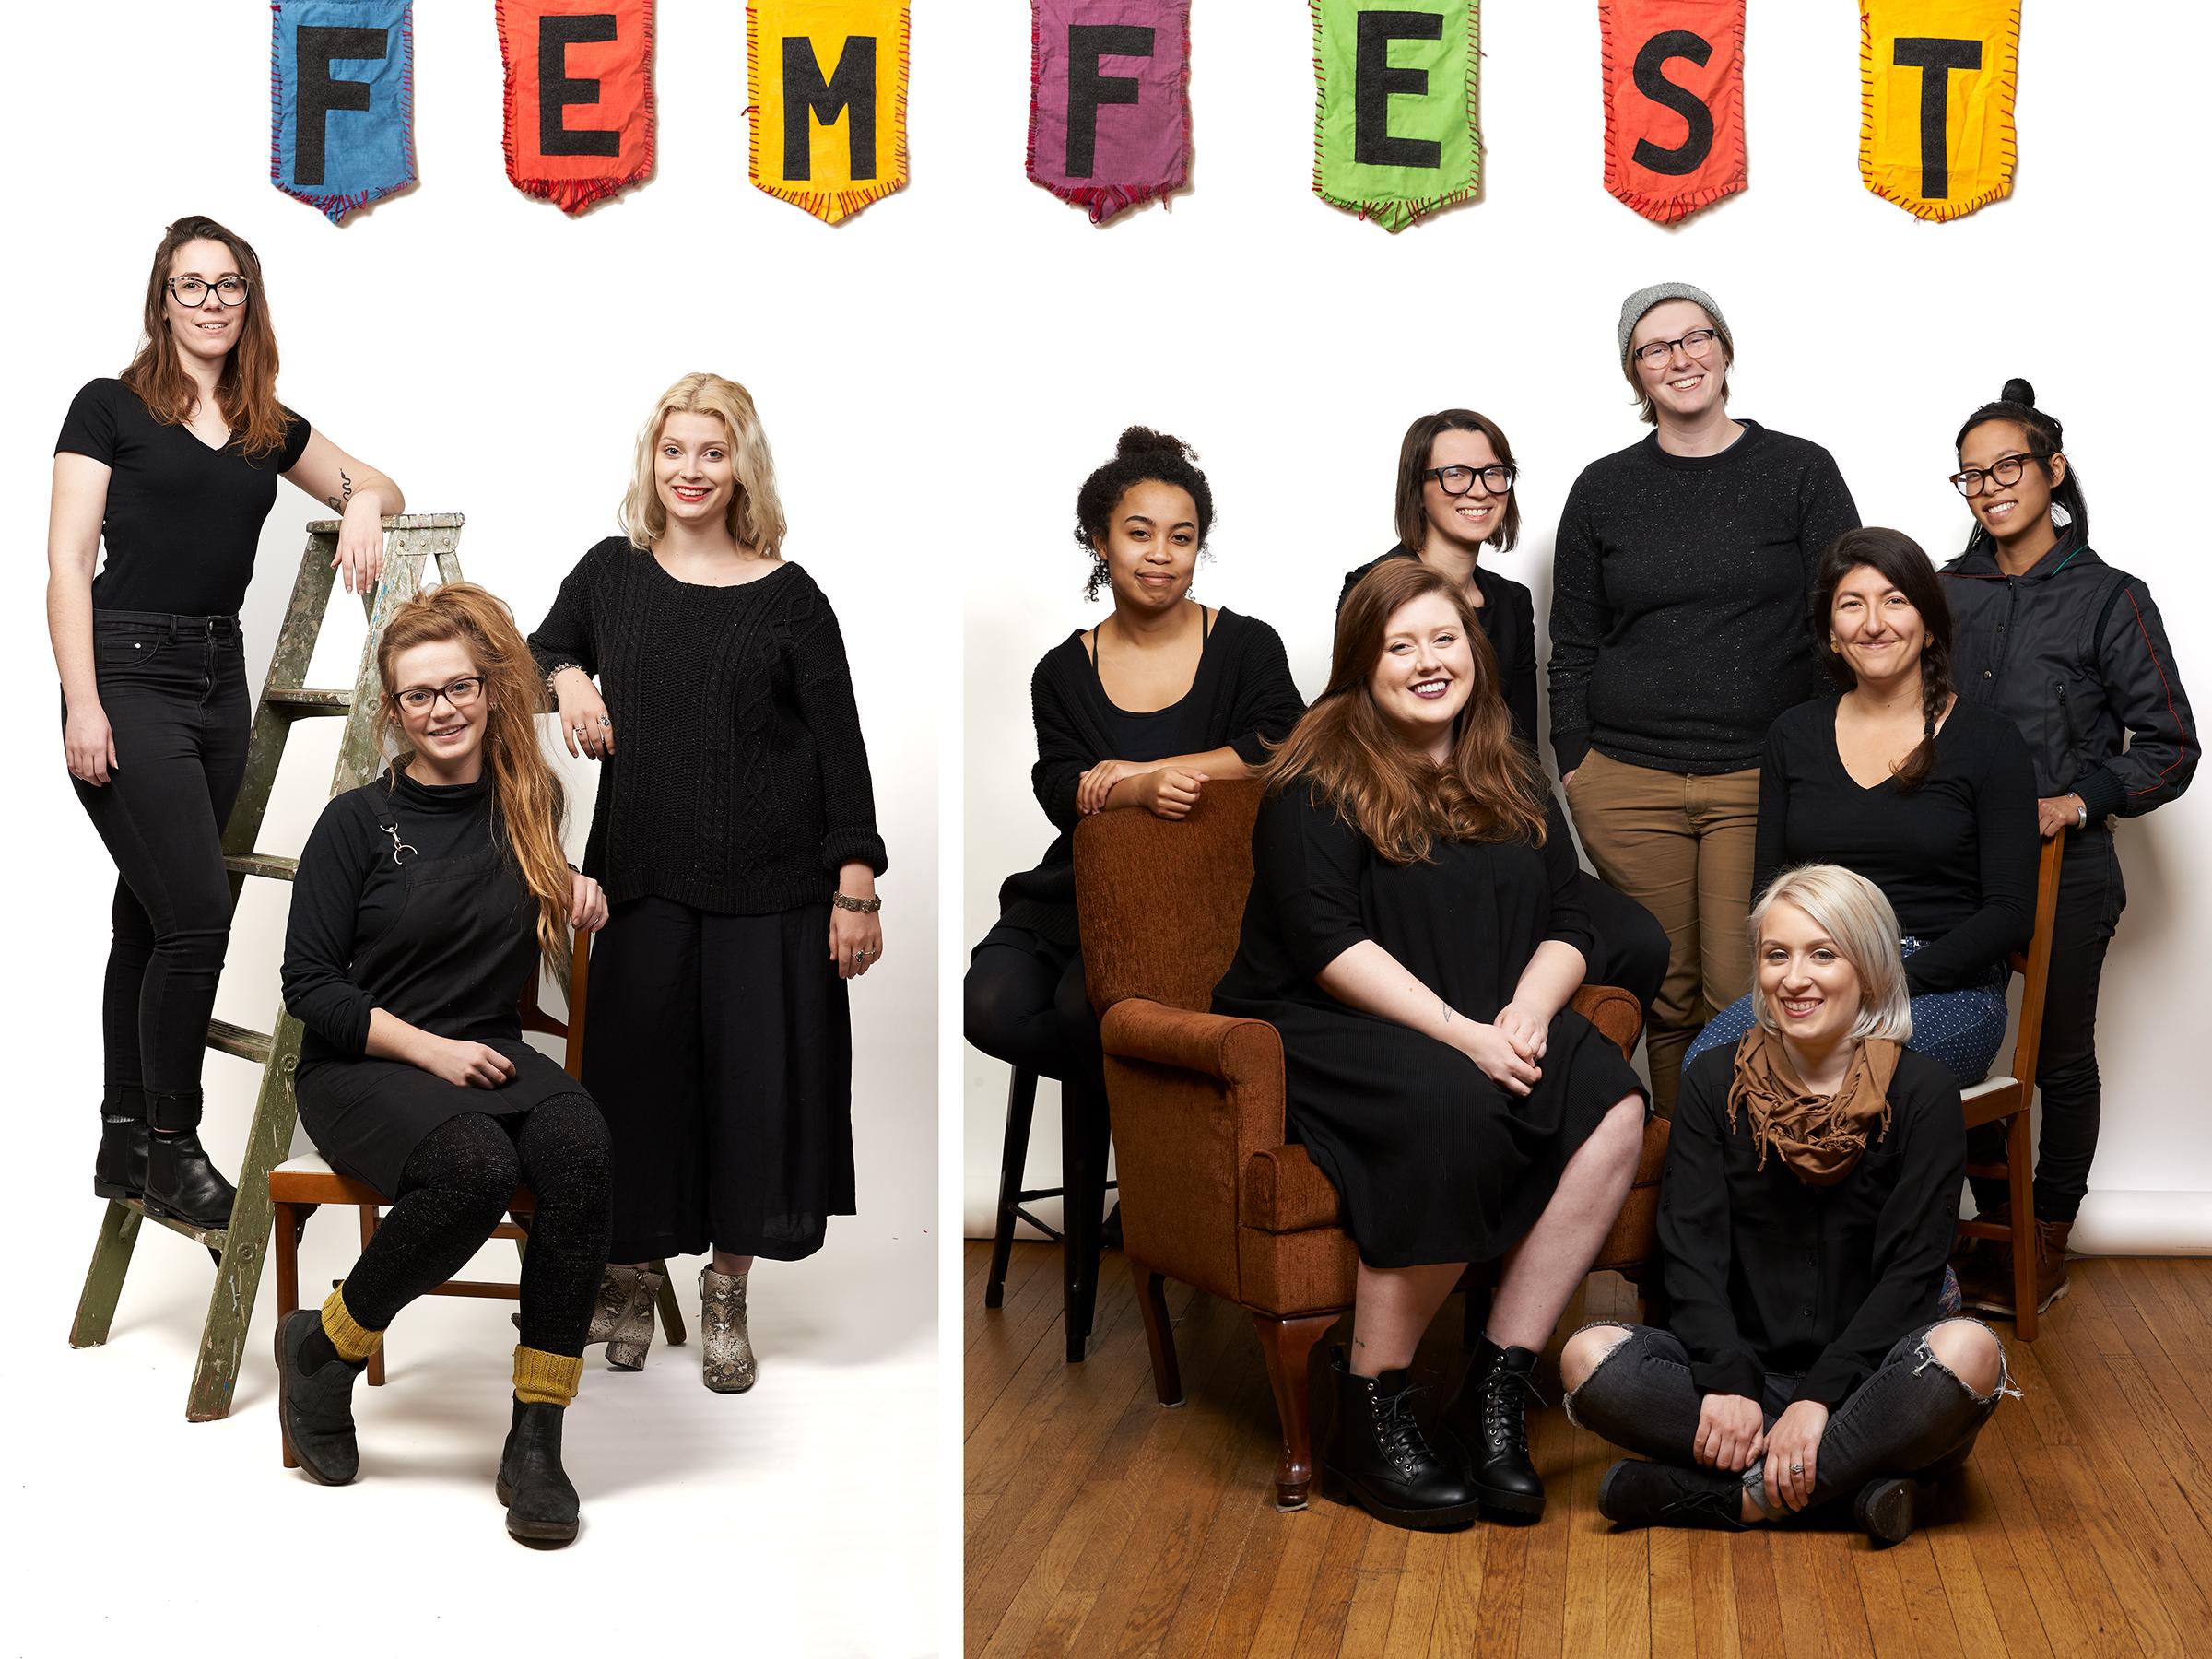 riverwestfemfest